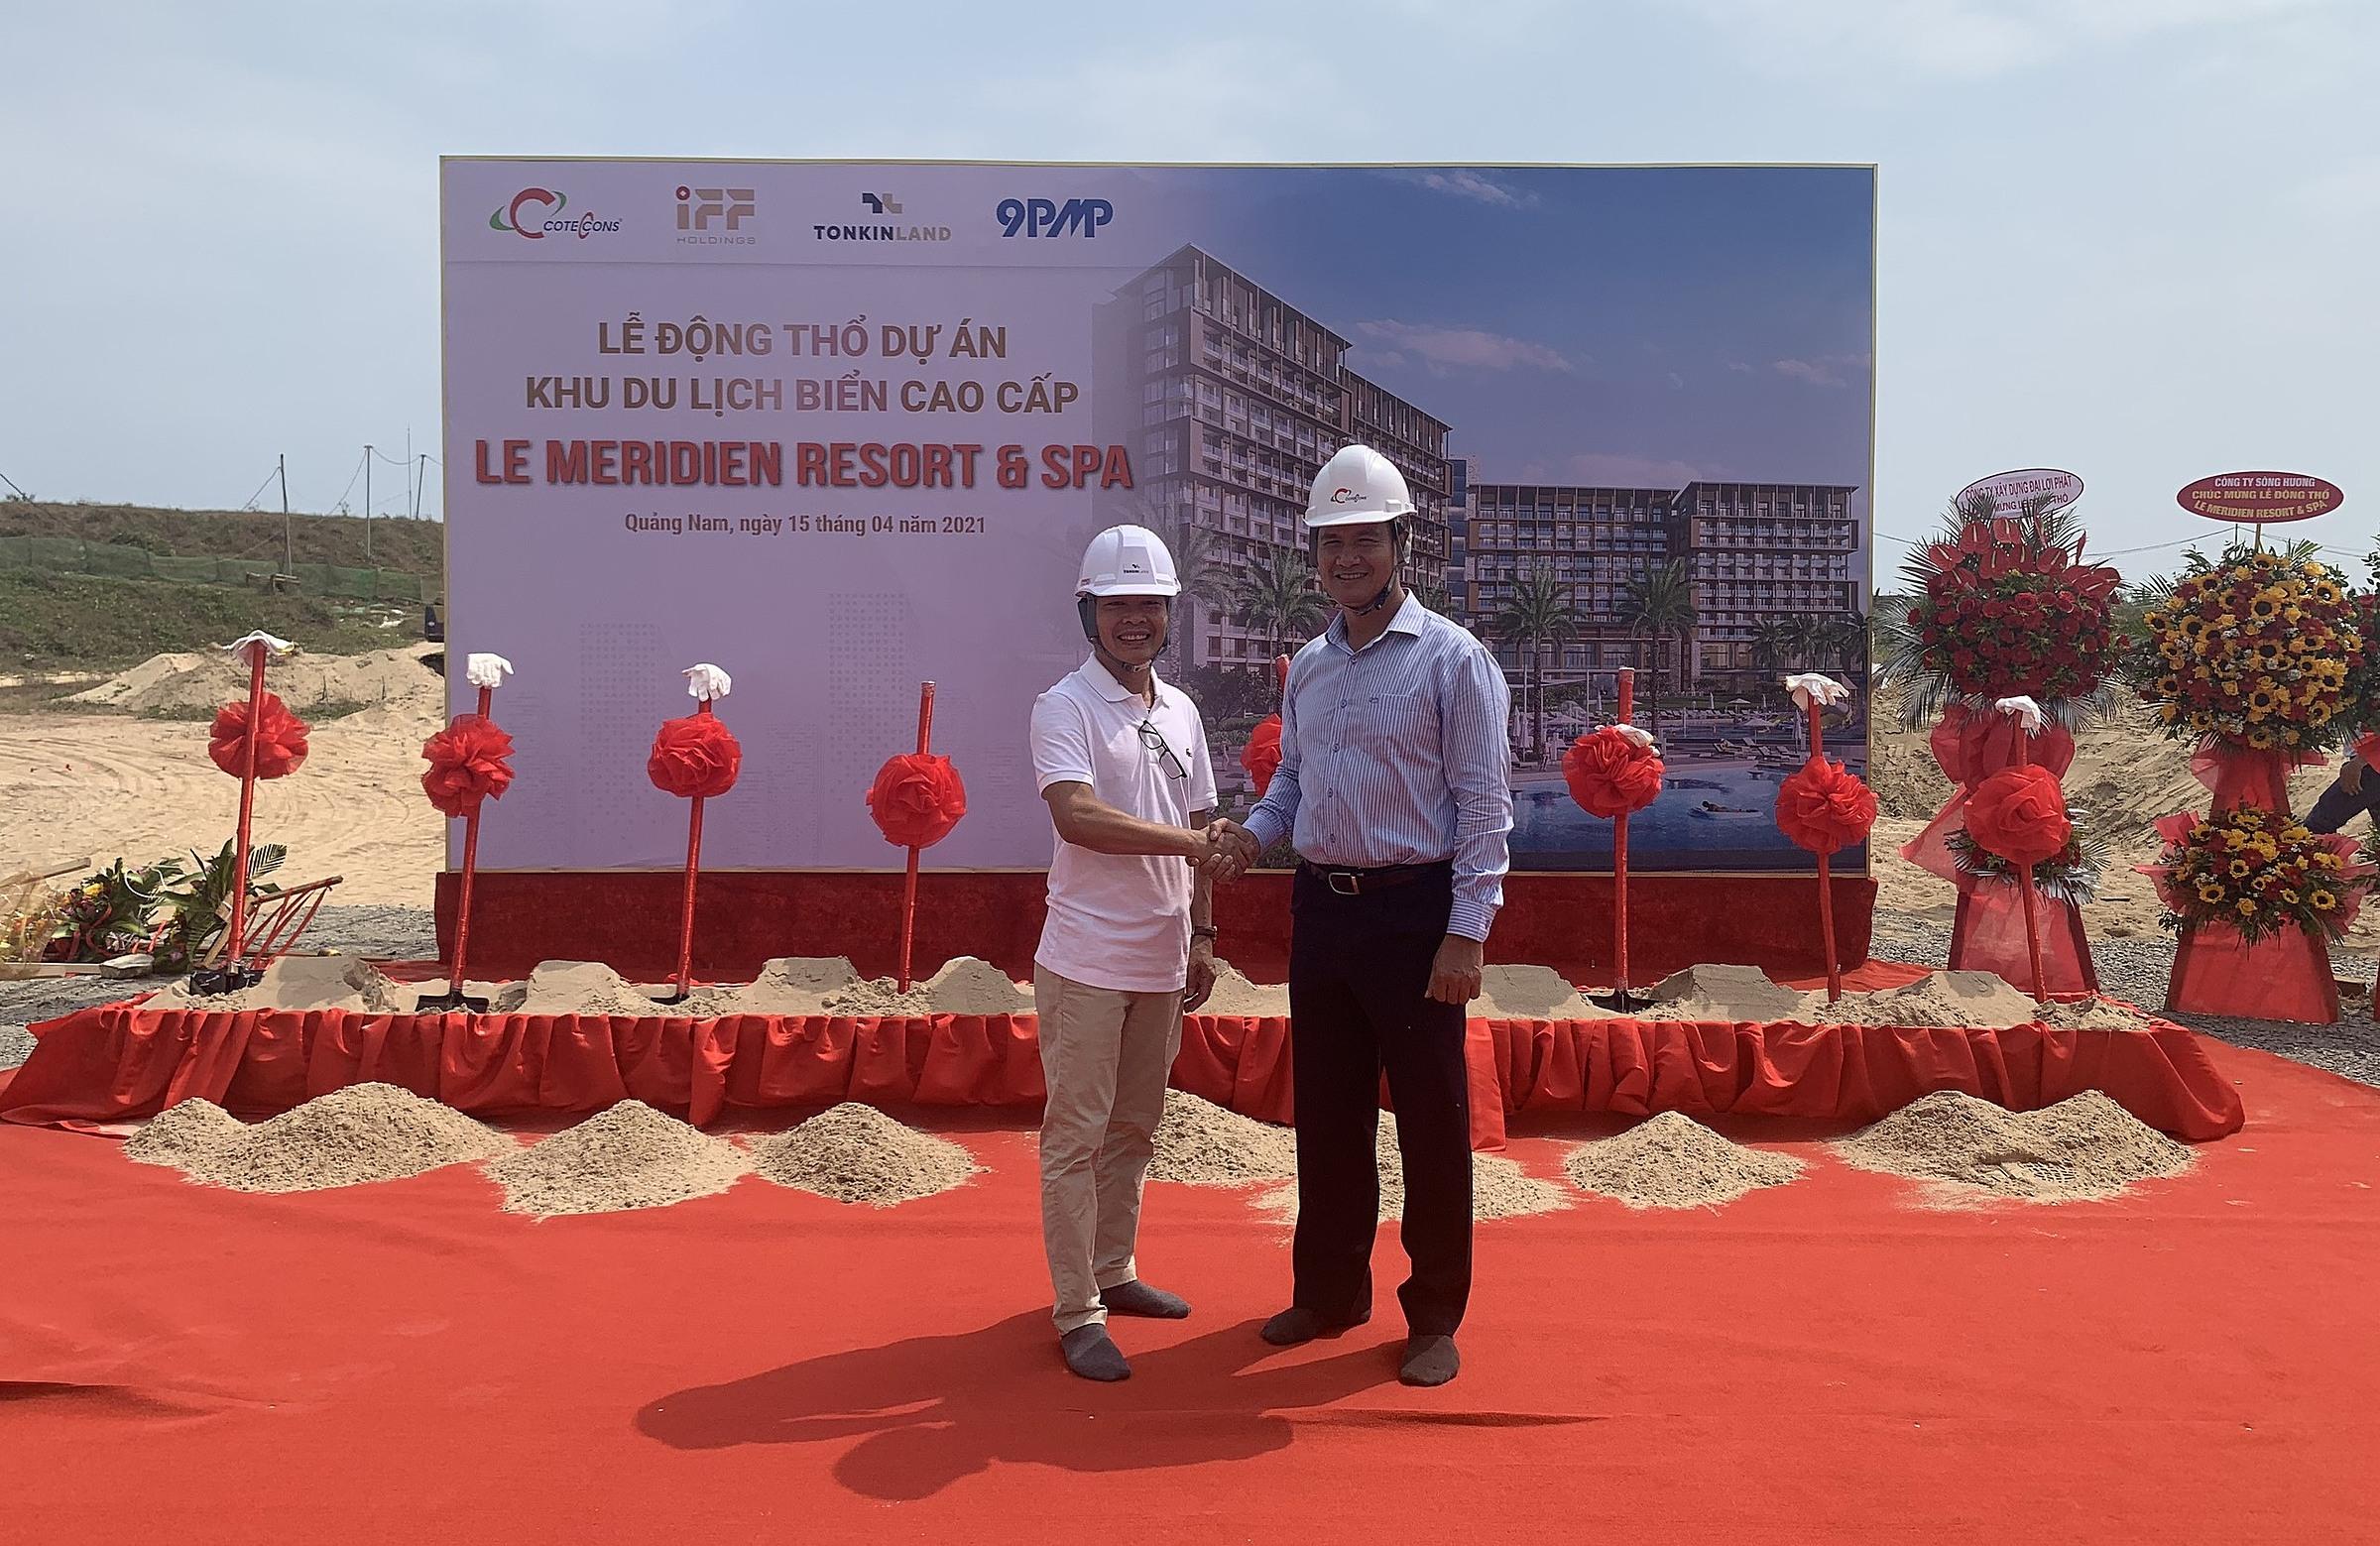 Ông Nguyễn Hoàng Sơn (bên trái), Phó tổng giám đốc IFF Holdings và ông Phạm Quân Lực (bên phải), Phó tổng giám đốc Coteccons. tại buổi lễ. Ảnh: Coteccons.